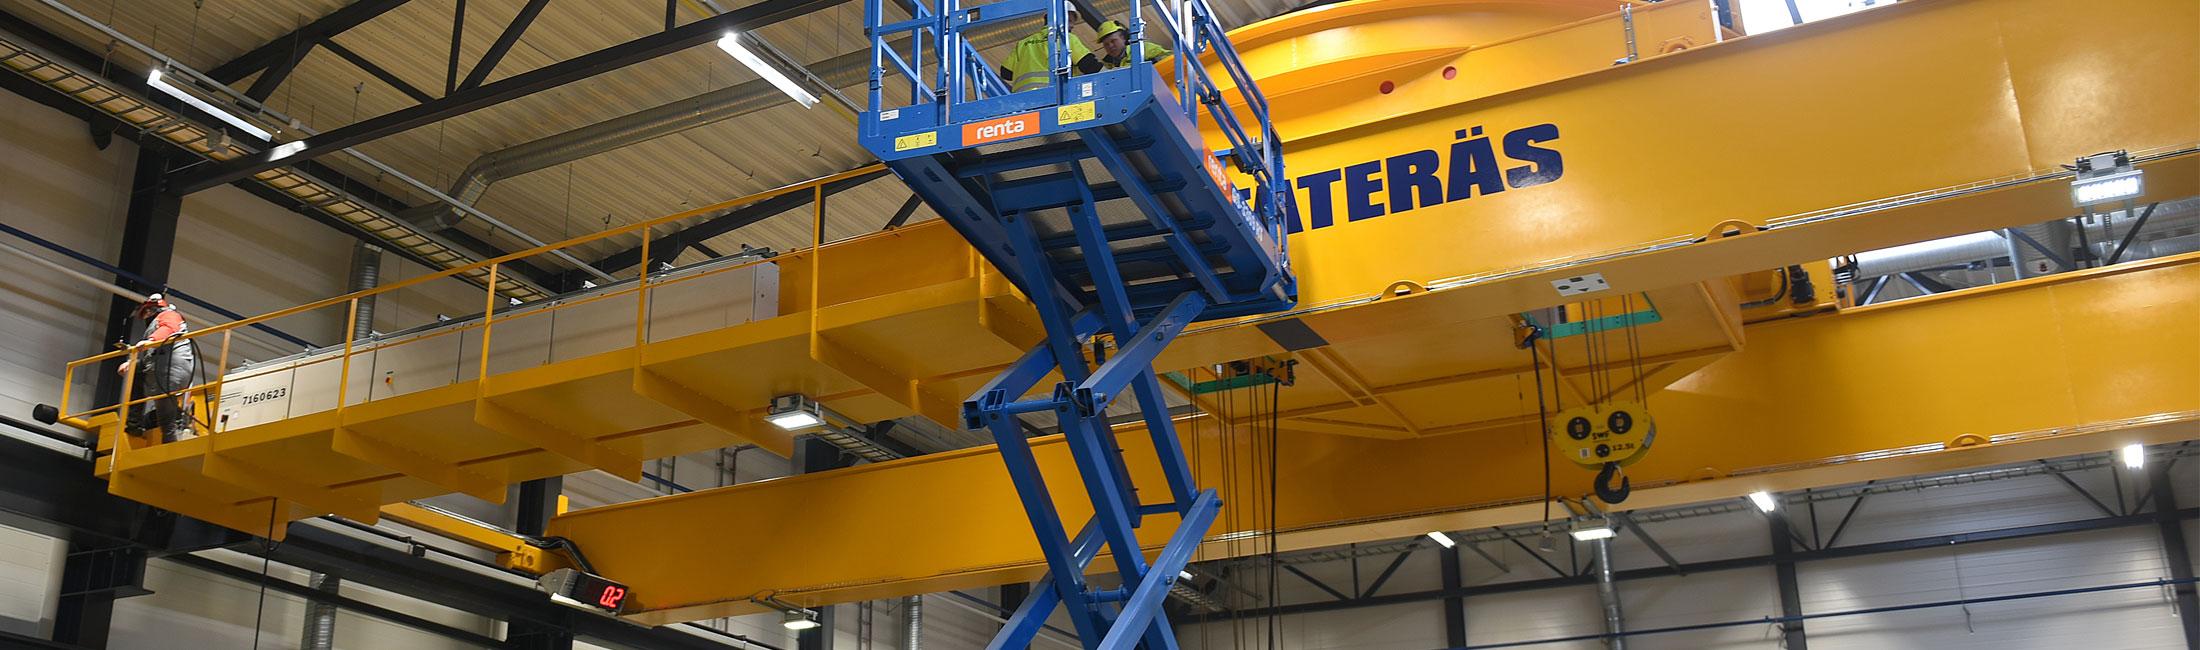 crane-service-nosturihuolto-teollisuus-metalliteollisuus-teollisuuden-siltanosturit-satateras-1